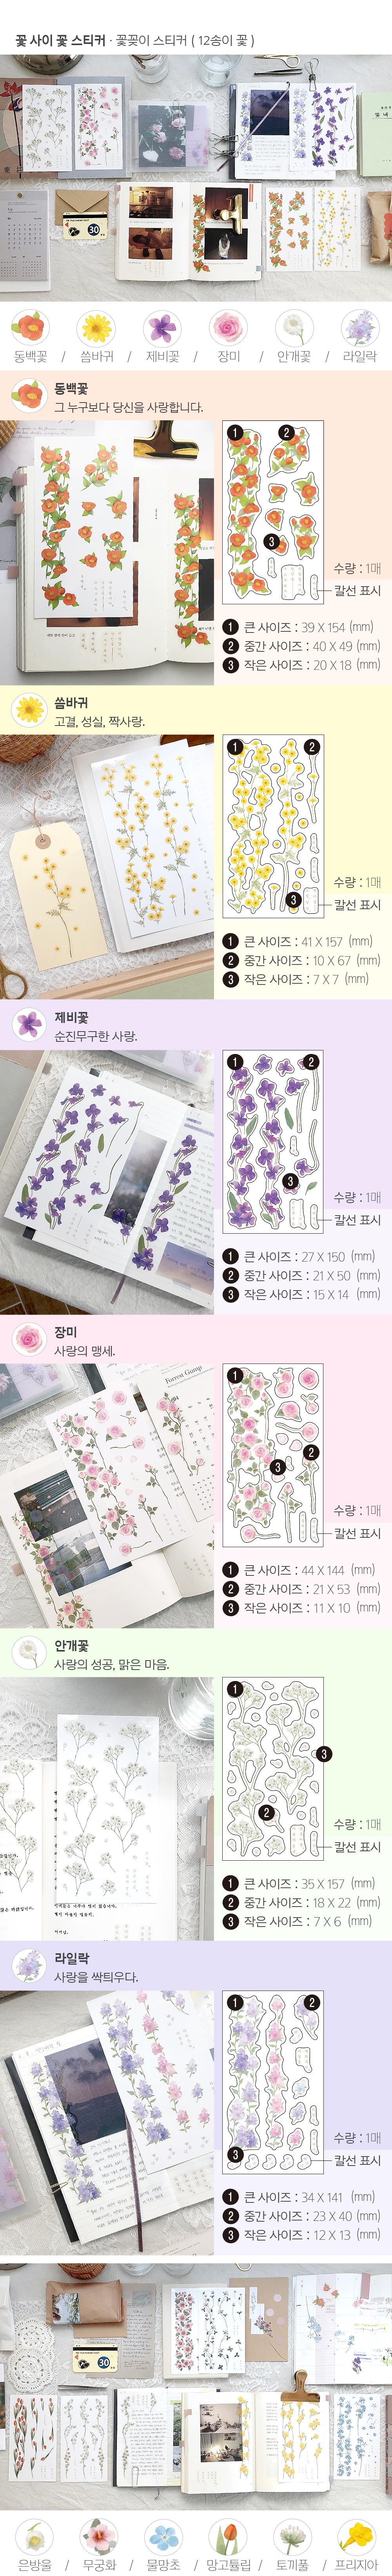 꽃 사이 꽃 스티커 12종 - 인도사이다, 1,800원, 스티커, 디자인스티커